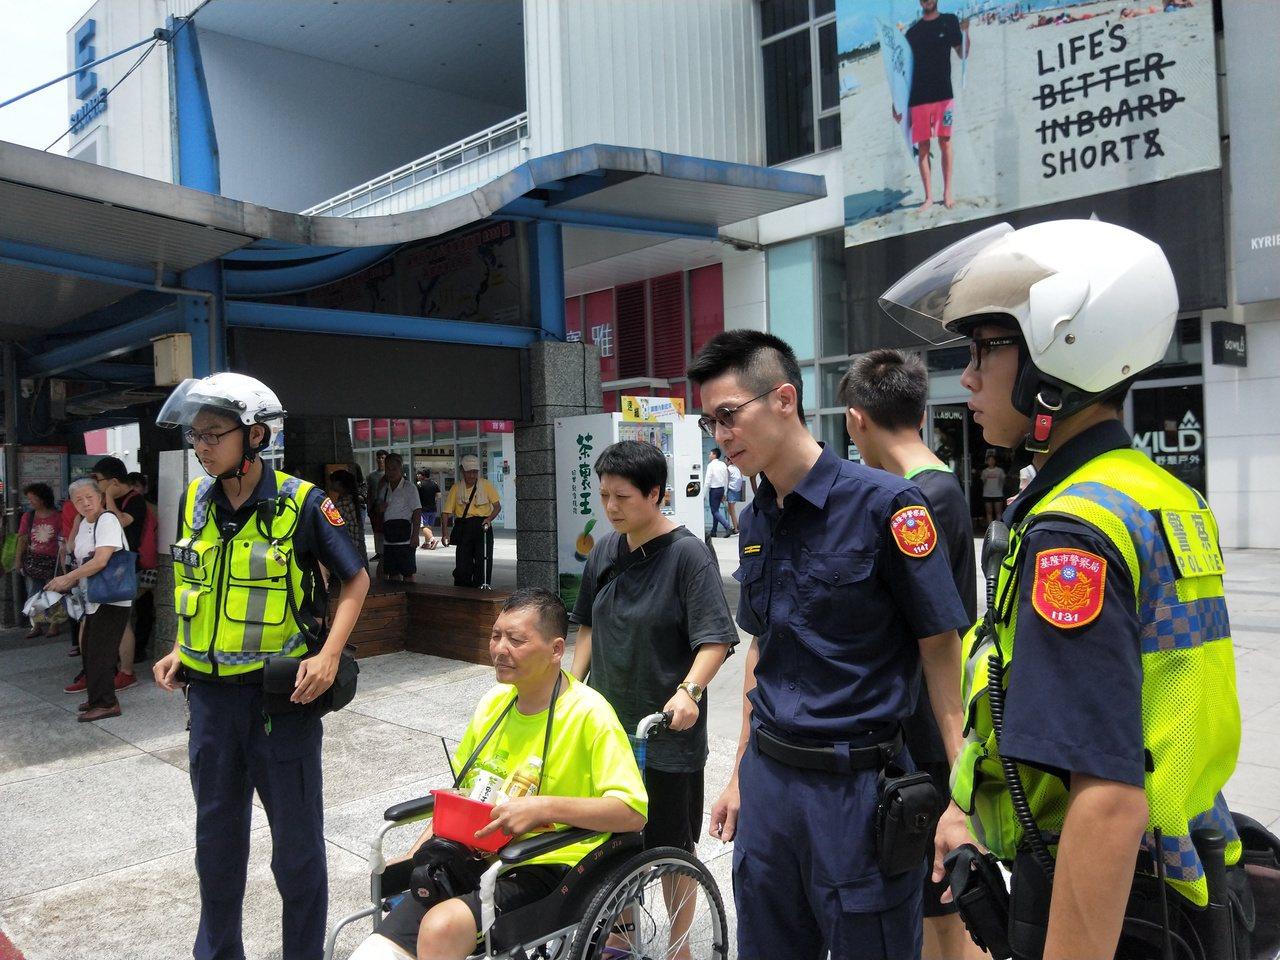 黃姓身障街頭藝人今天中午被搶,警方趕至處理,16分鐘後破案。記者游明煌/攝影